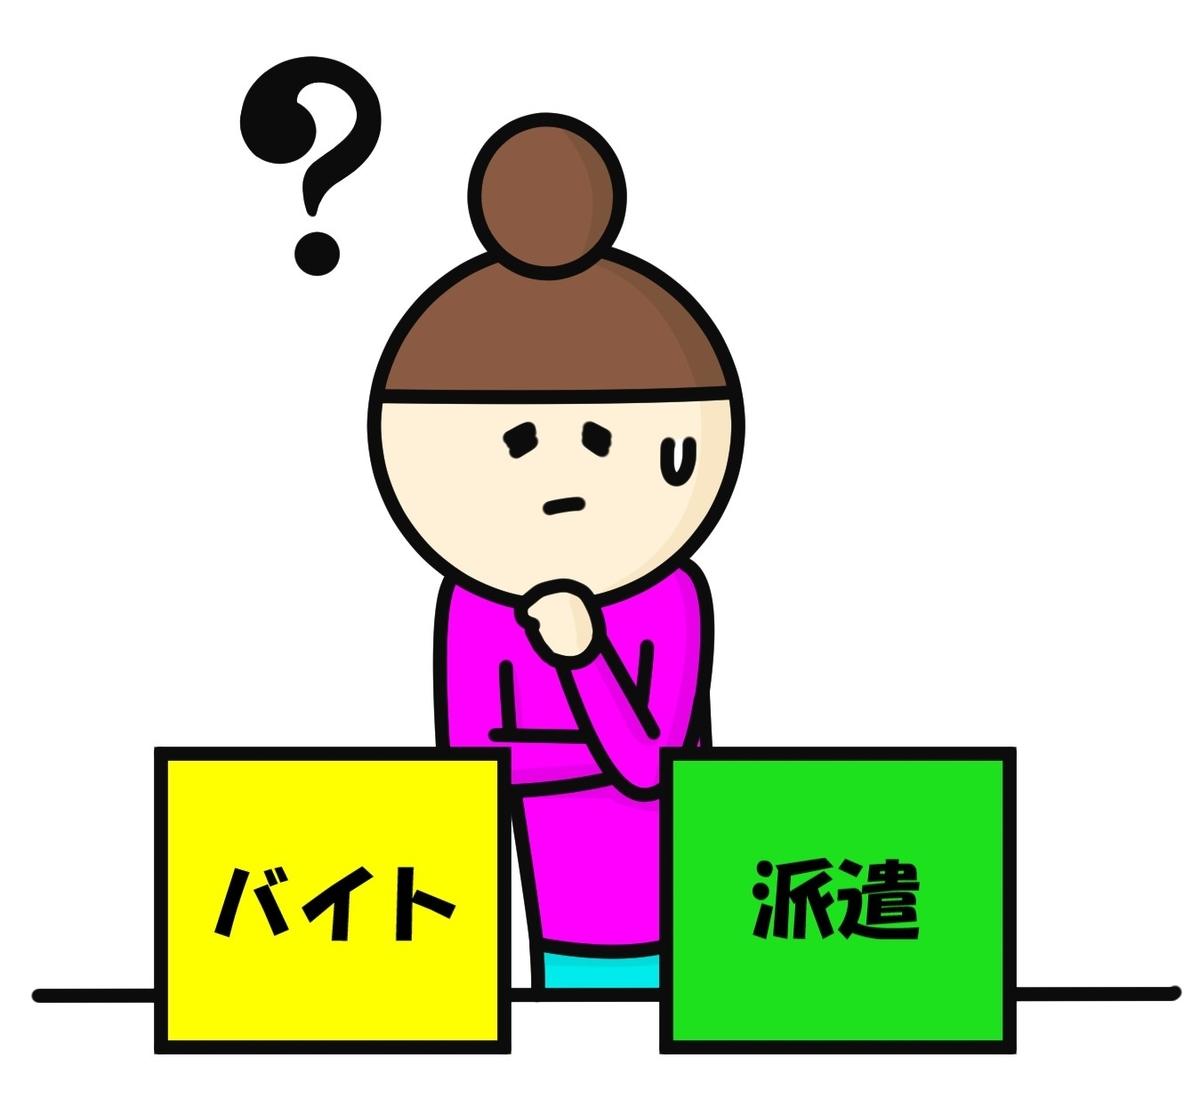 バイト 派遣と書かれた箱を見て比較する女性